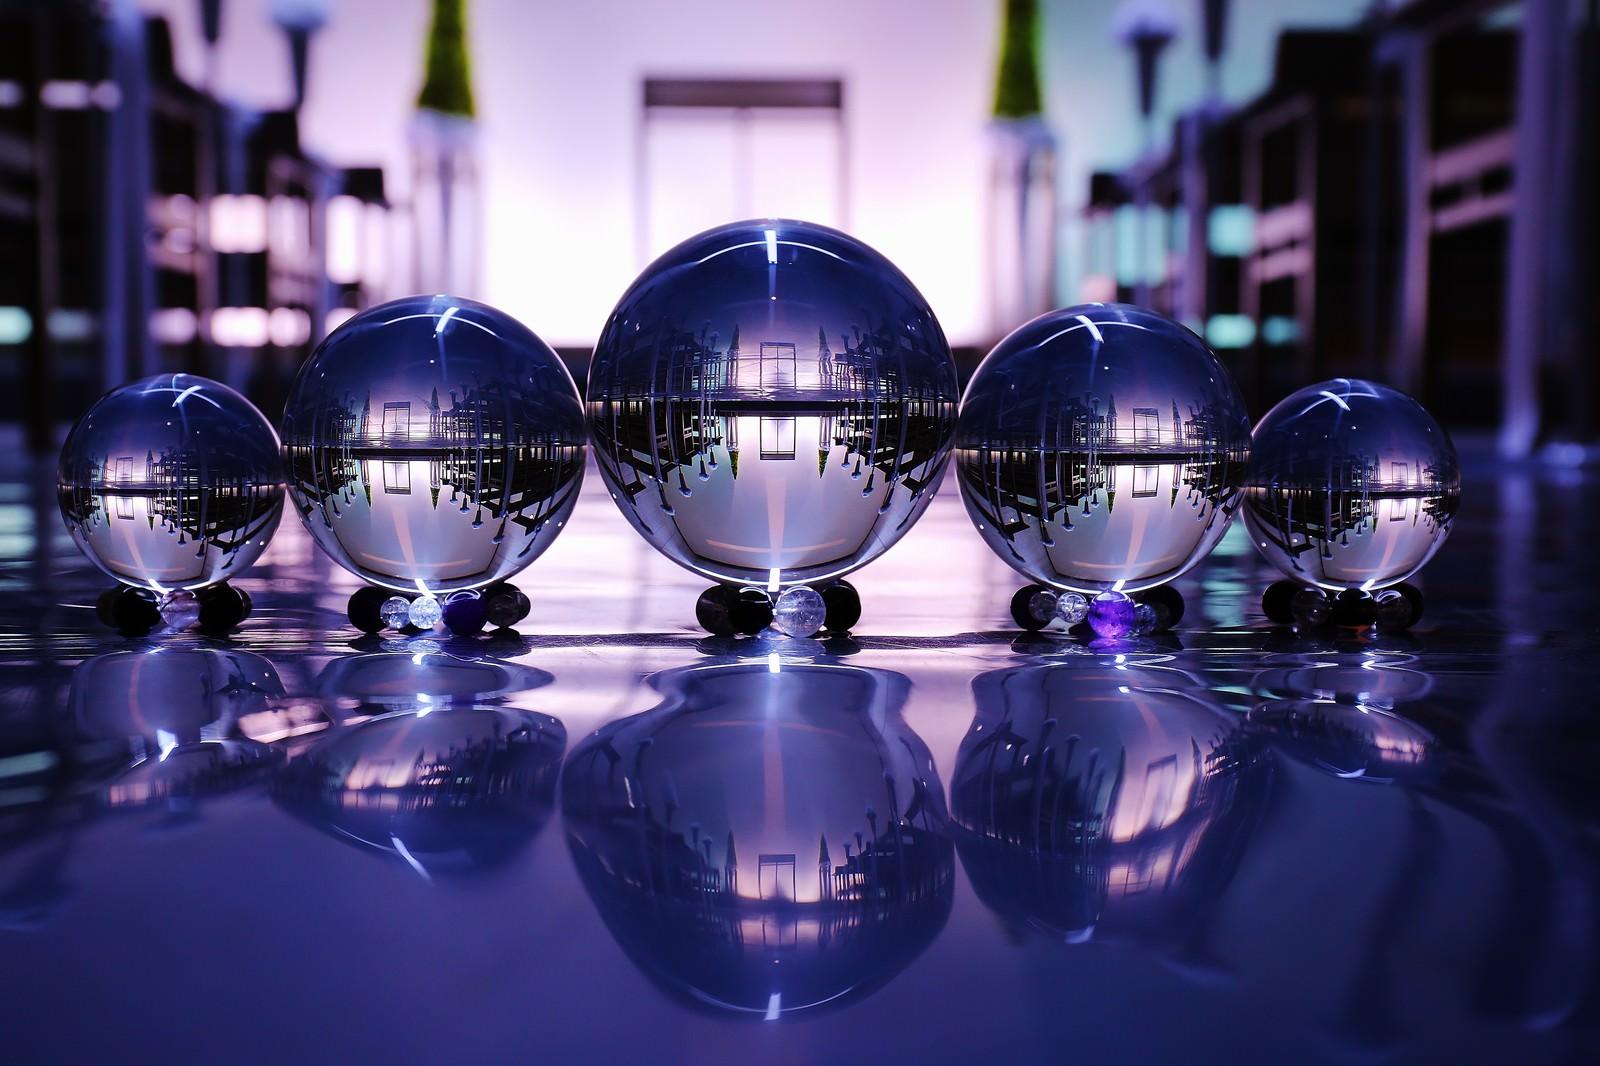 「静寂な空間と水晶玉静寂な空間と水晶玉」のフリー写真素材を拡大